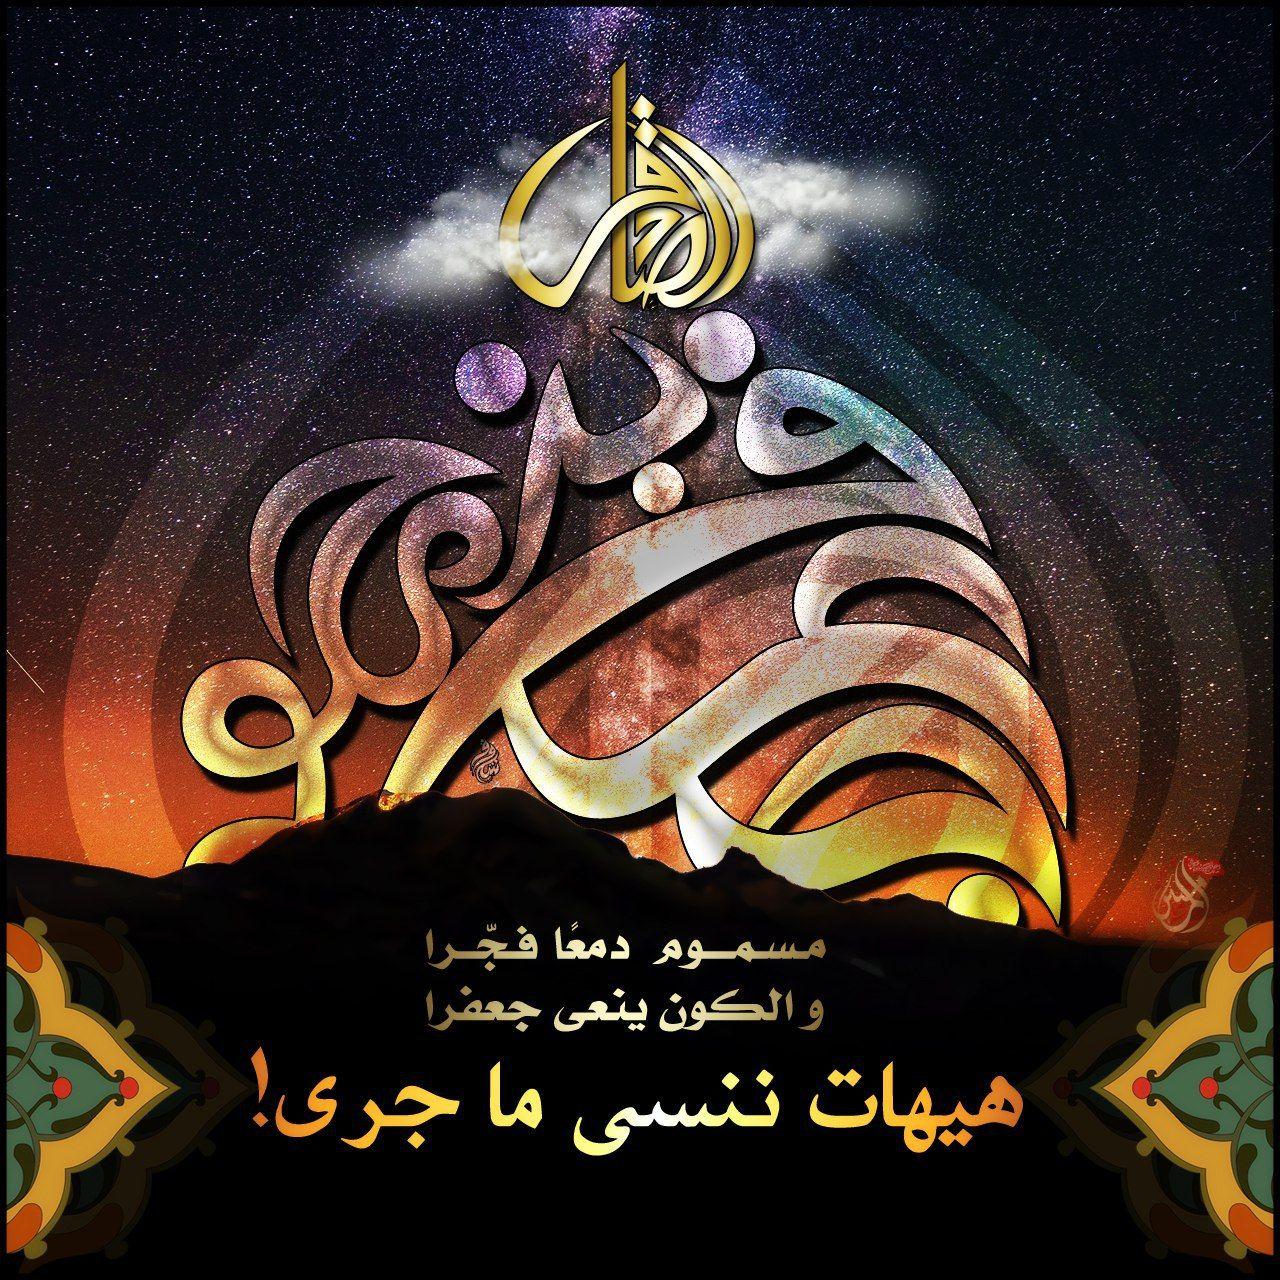 أستشهاد الإمام الصادق عليه السلام Art Poster Movie Posters